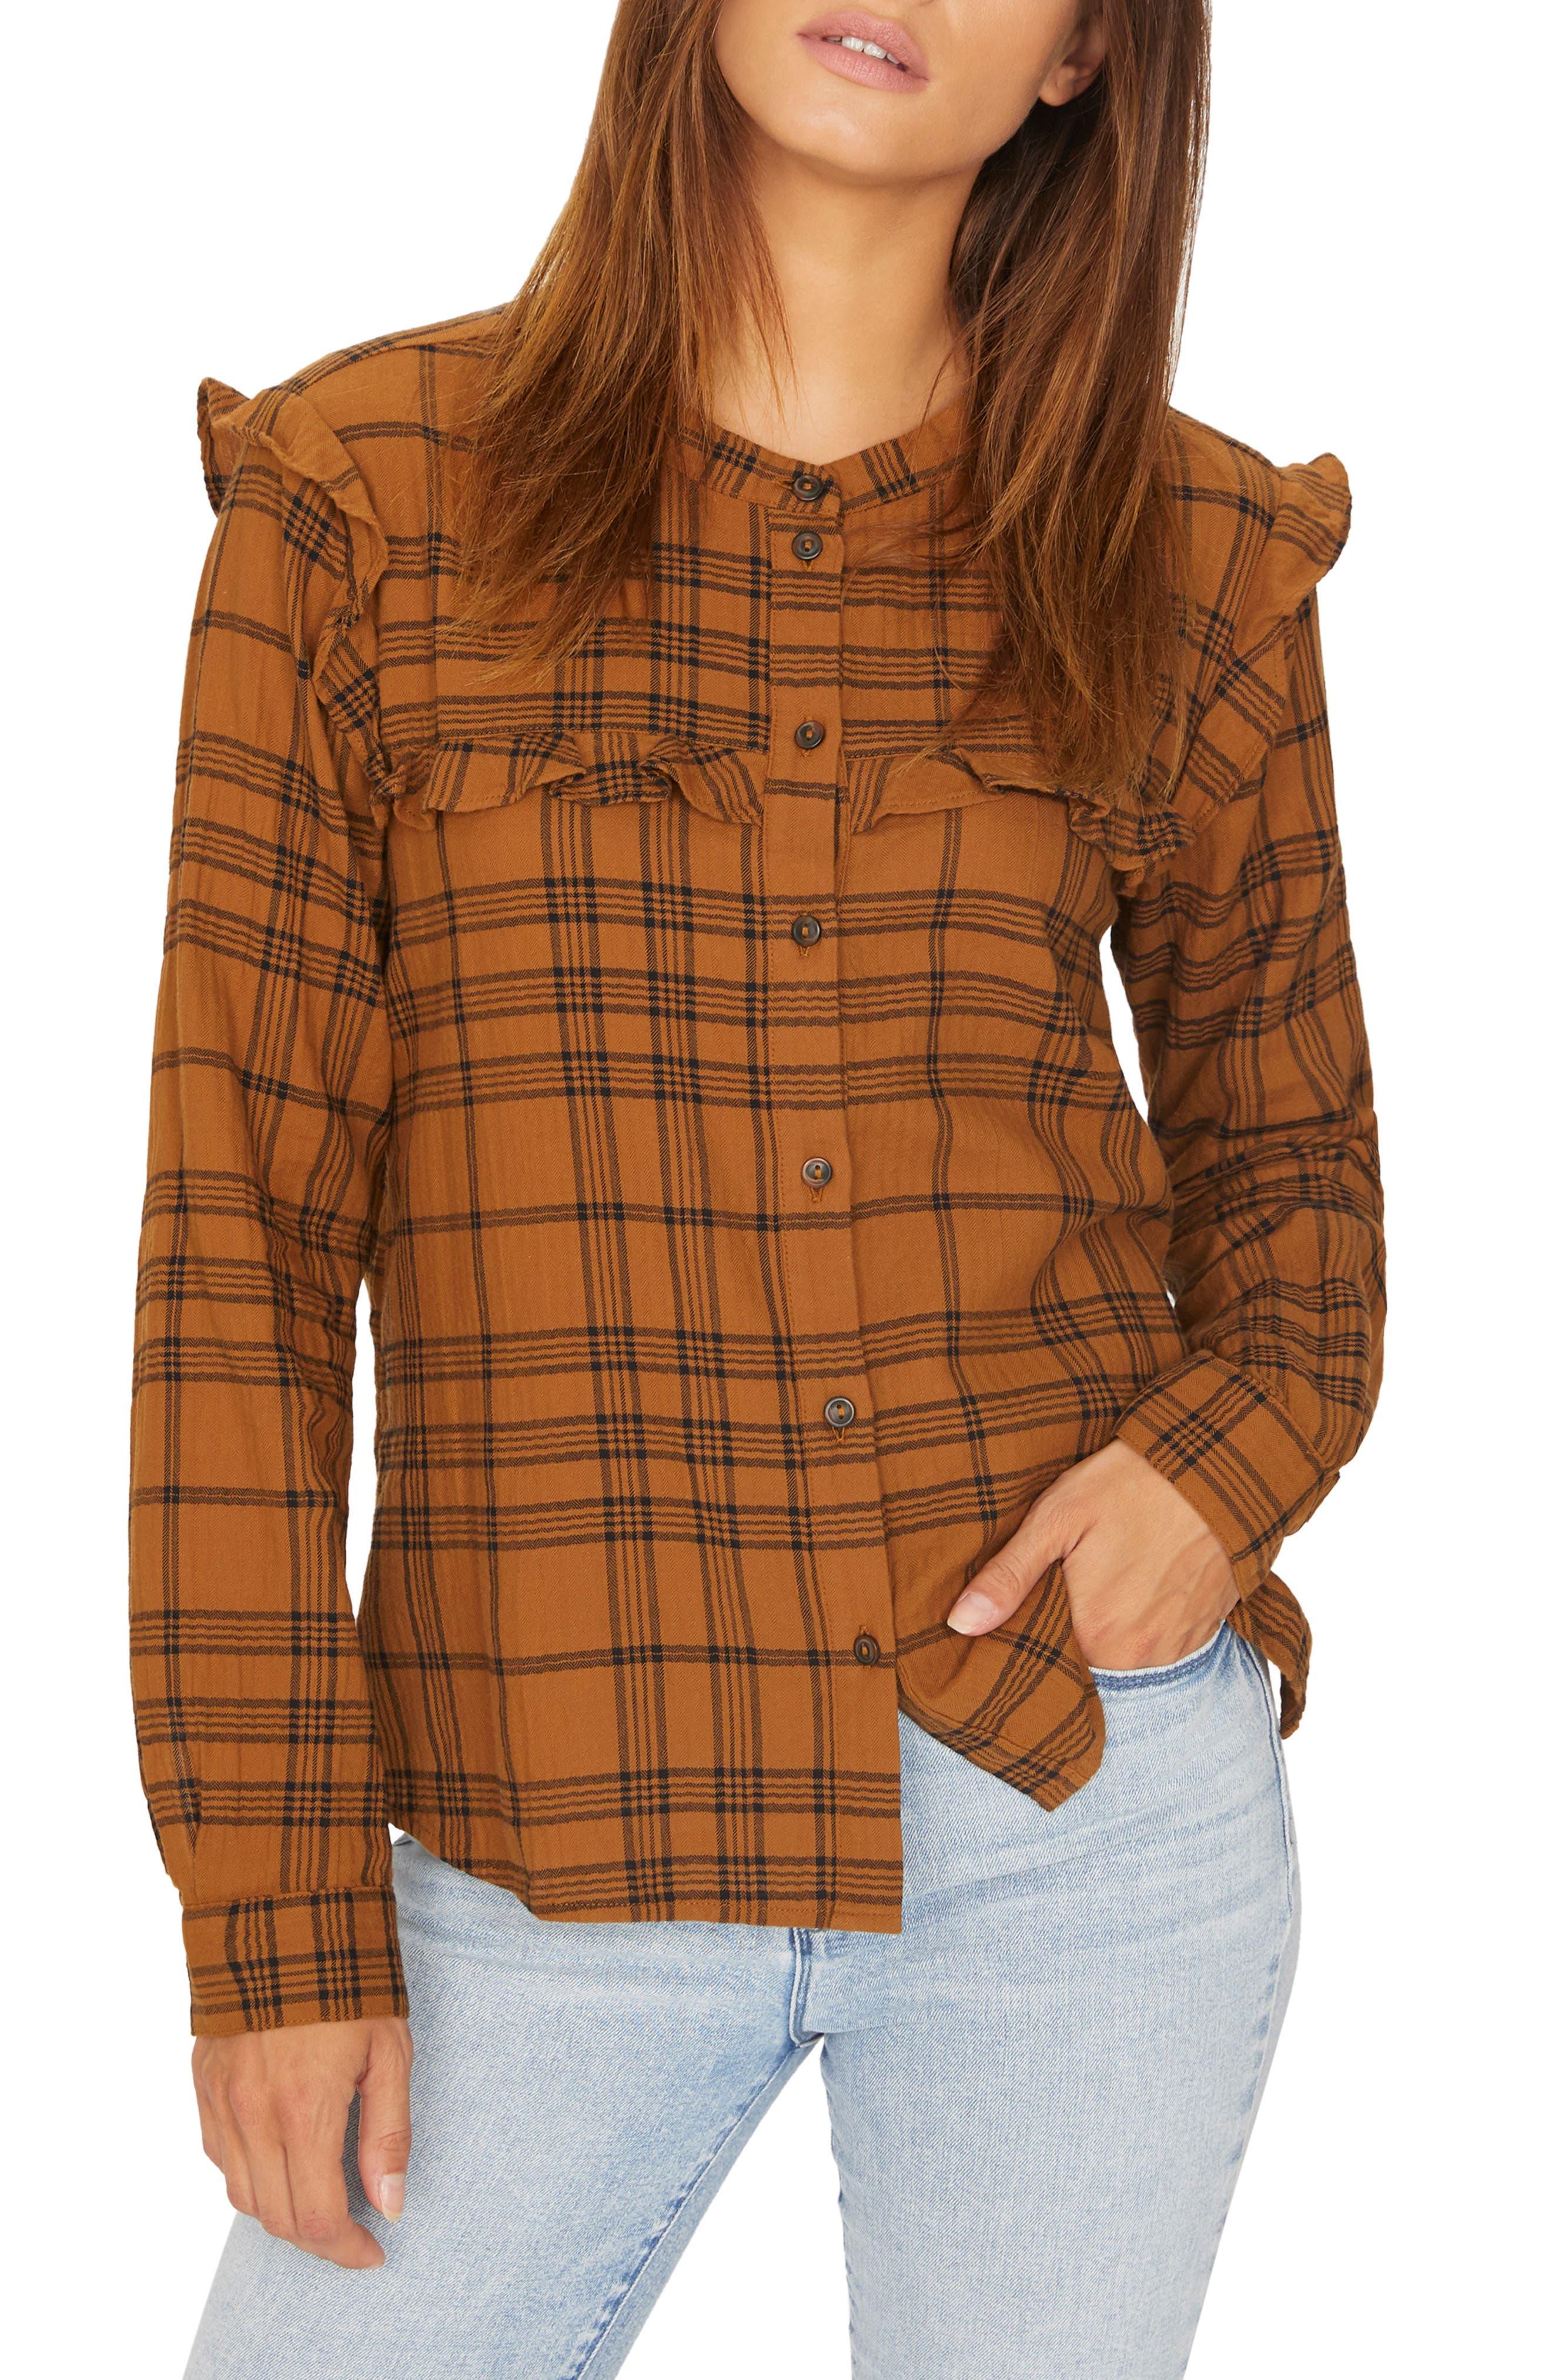 Hill St. Ruffled Plaid Shirt,                             Main thumbnail 1, color,                             AUTUMN PLAID